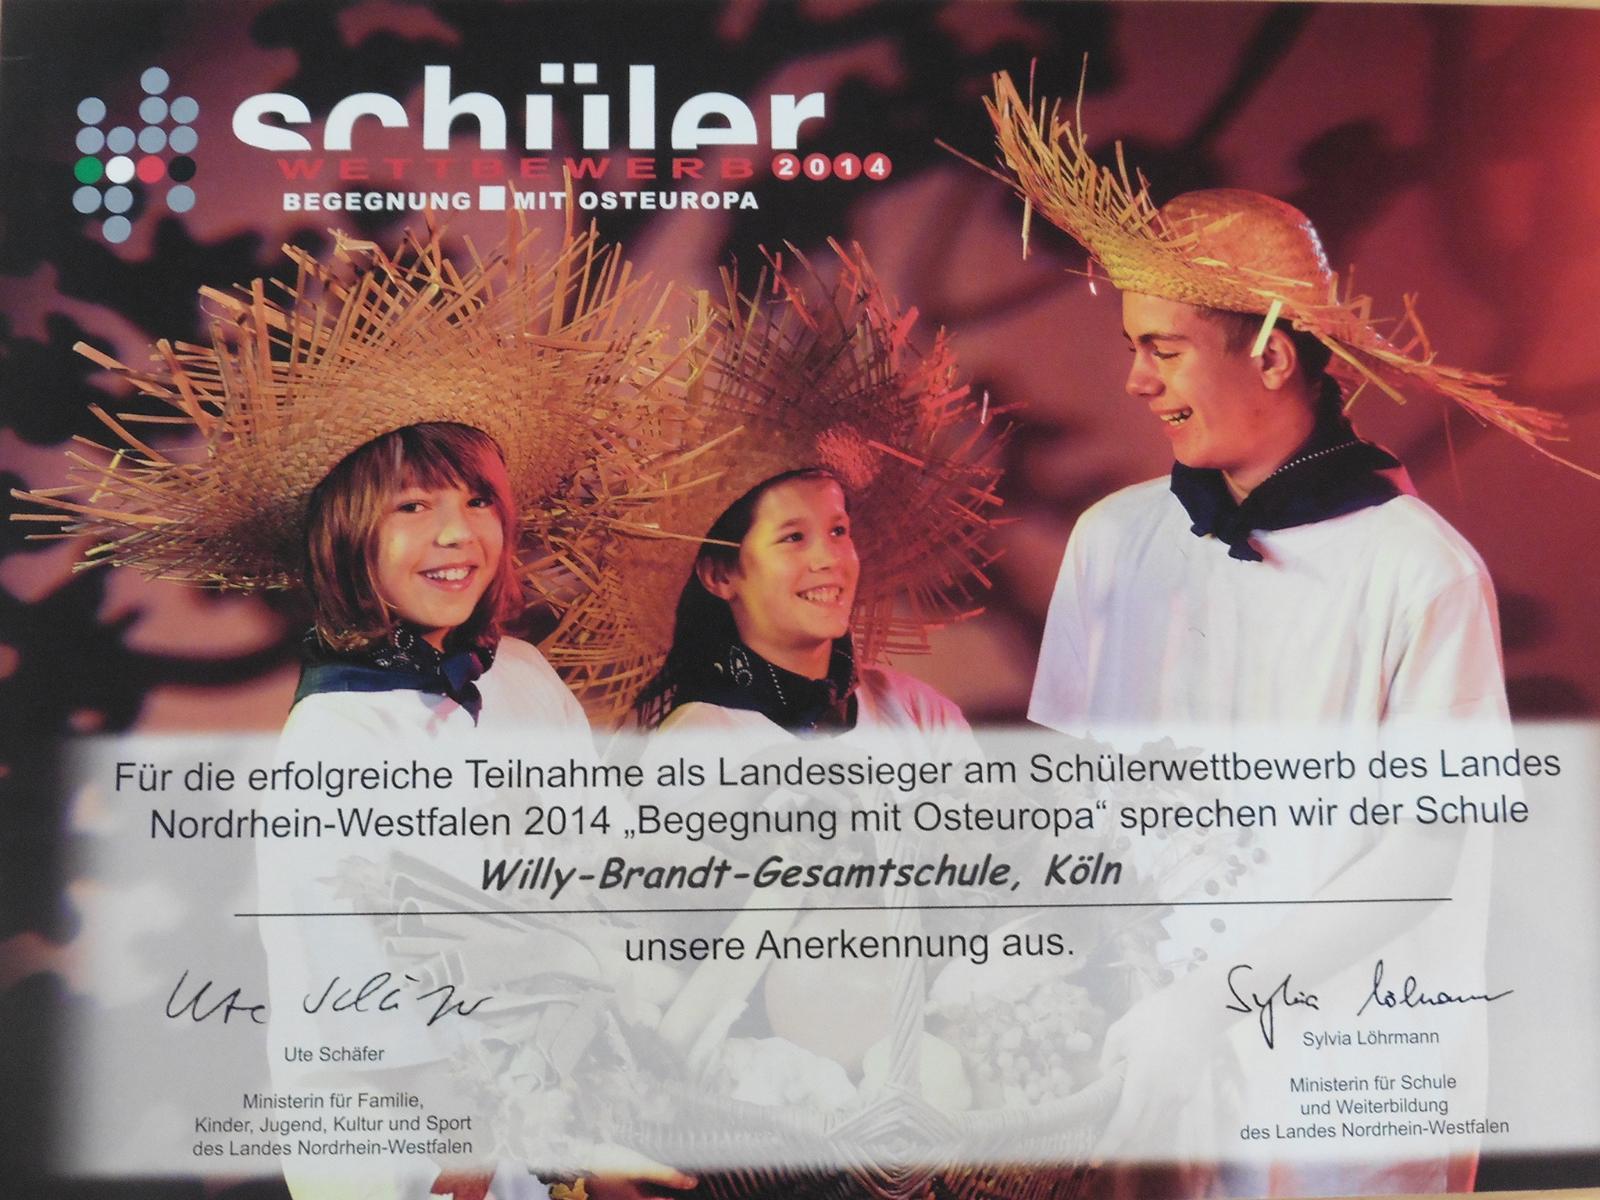 schueler-wettbewerb-begegnung-osteuropa-2014